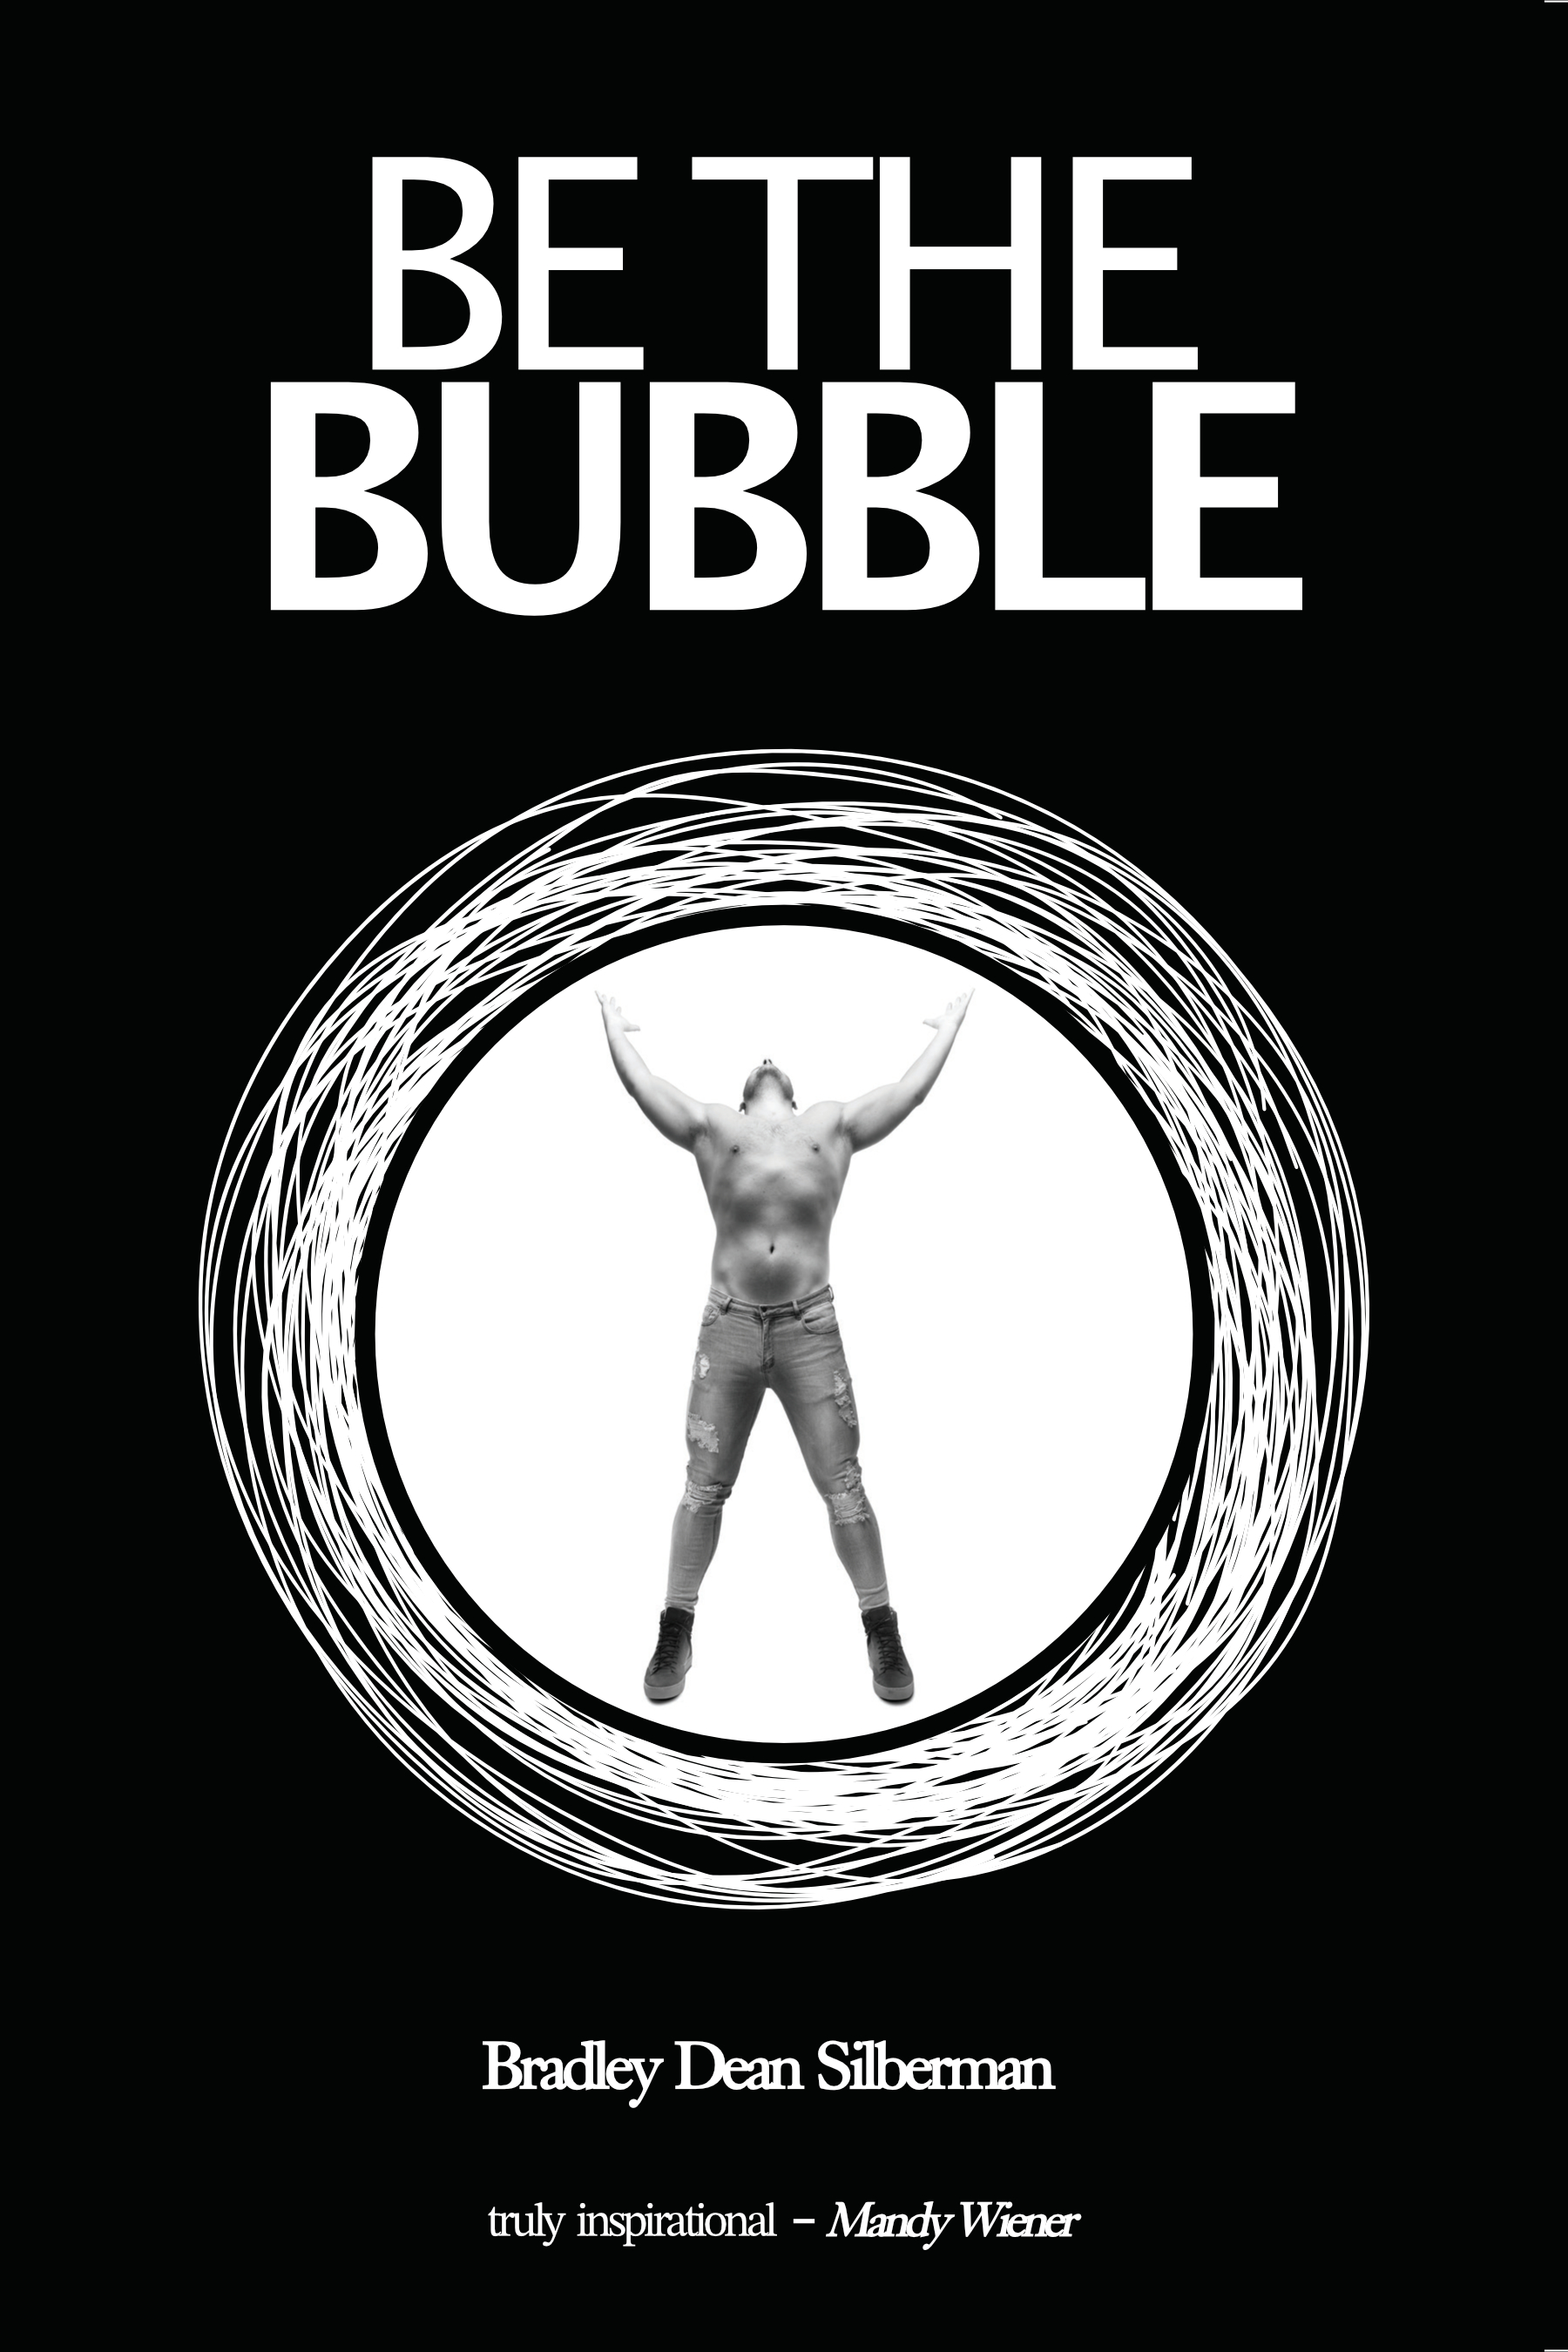 Be the Bubble by Bradley Dean Silberman